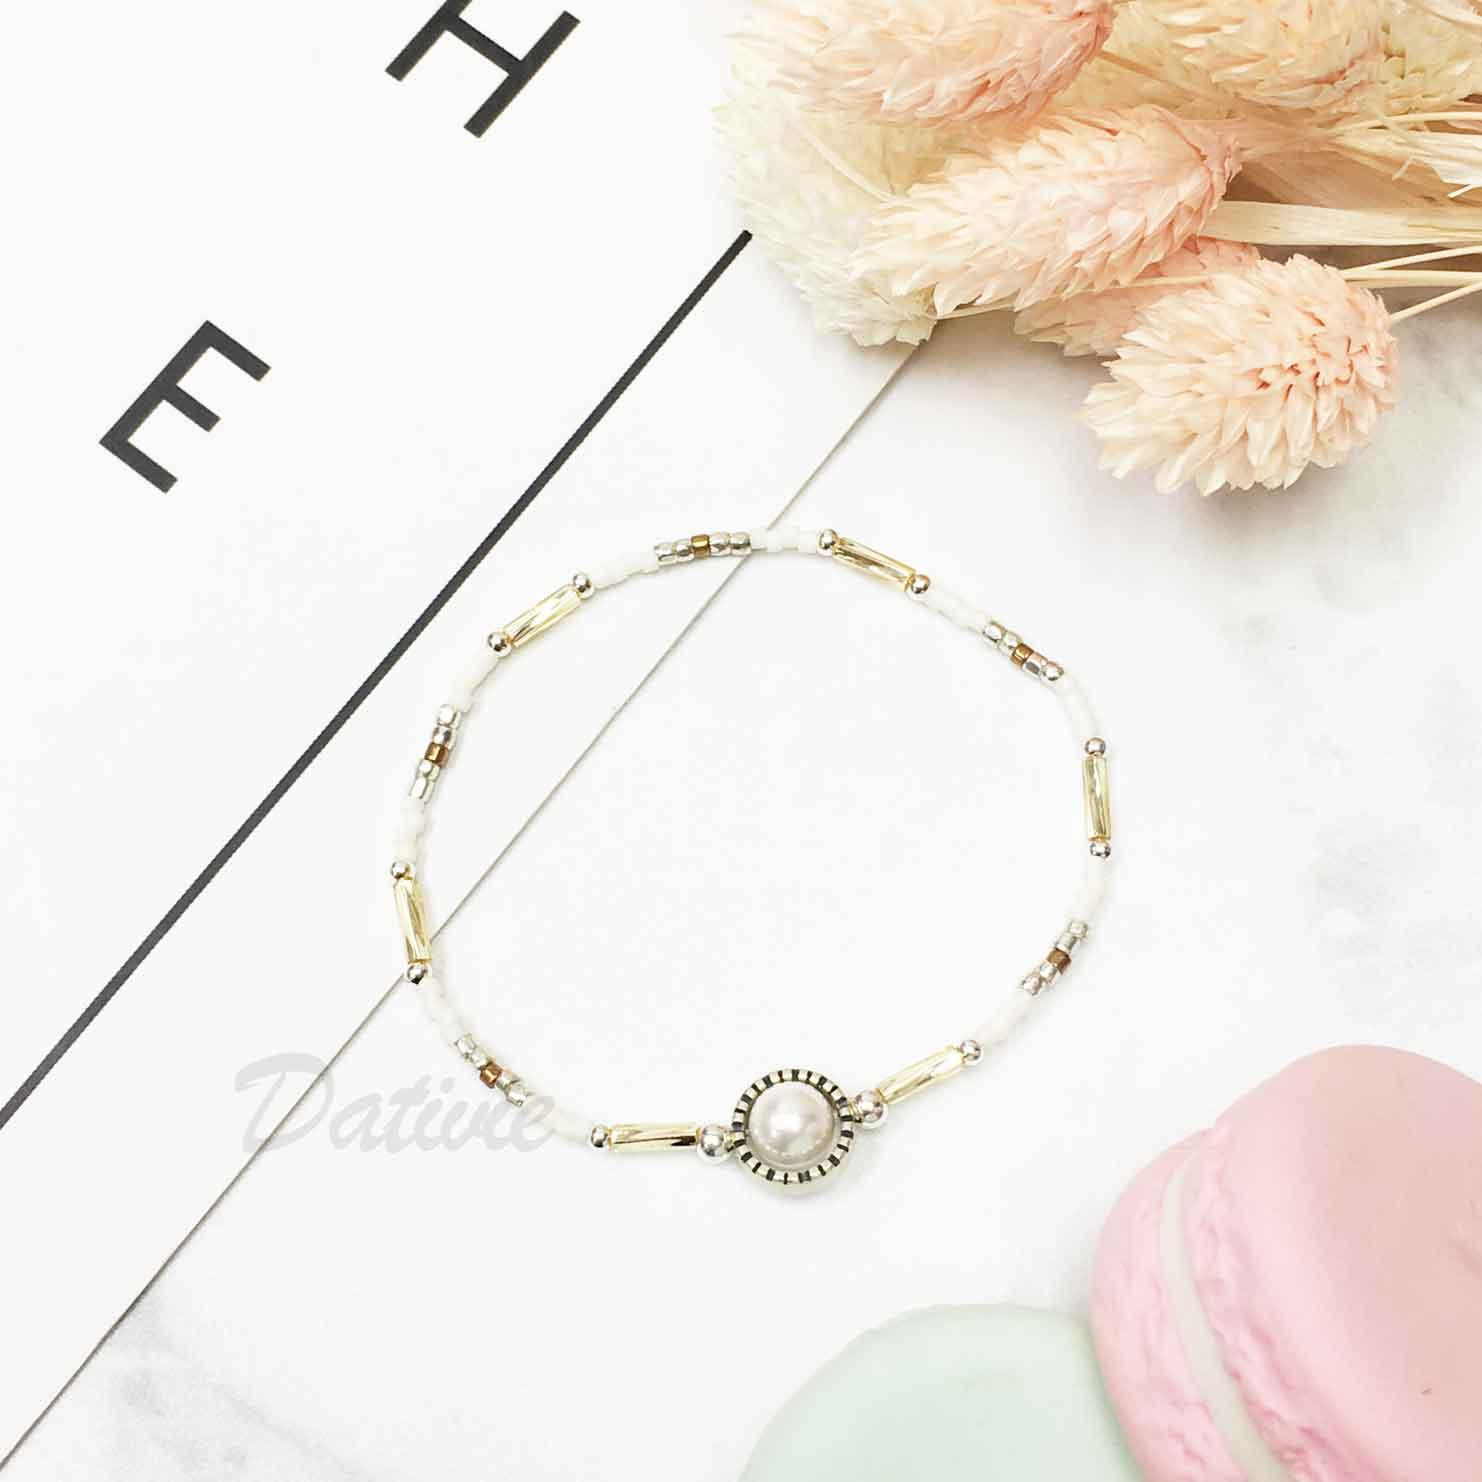 韓國 925純銀 復古 寶石 串珠 細手鍊 華麗質感